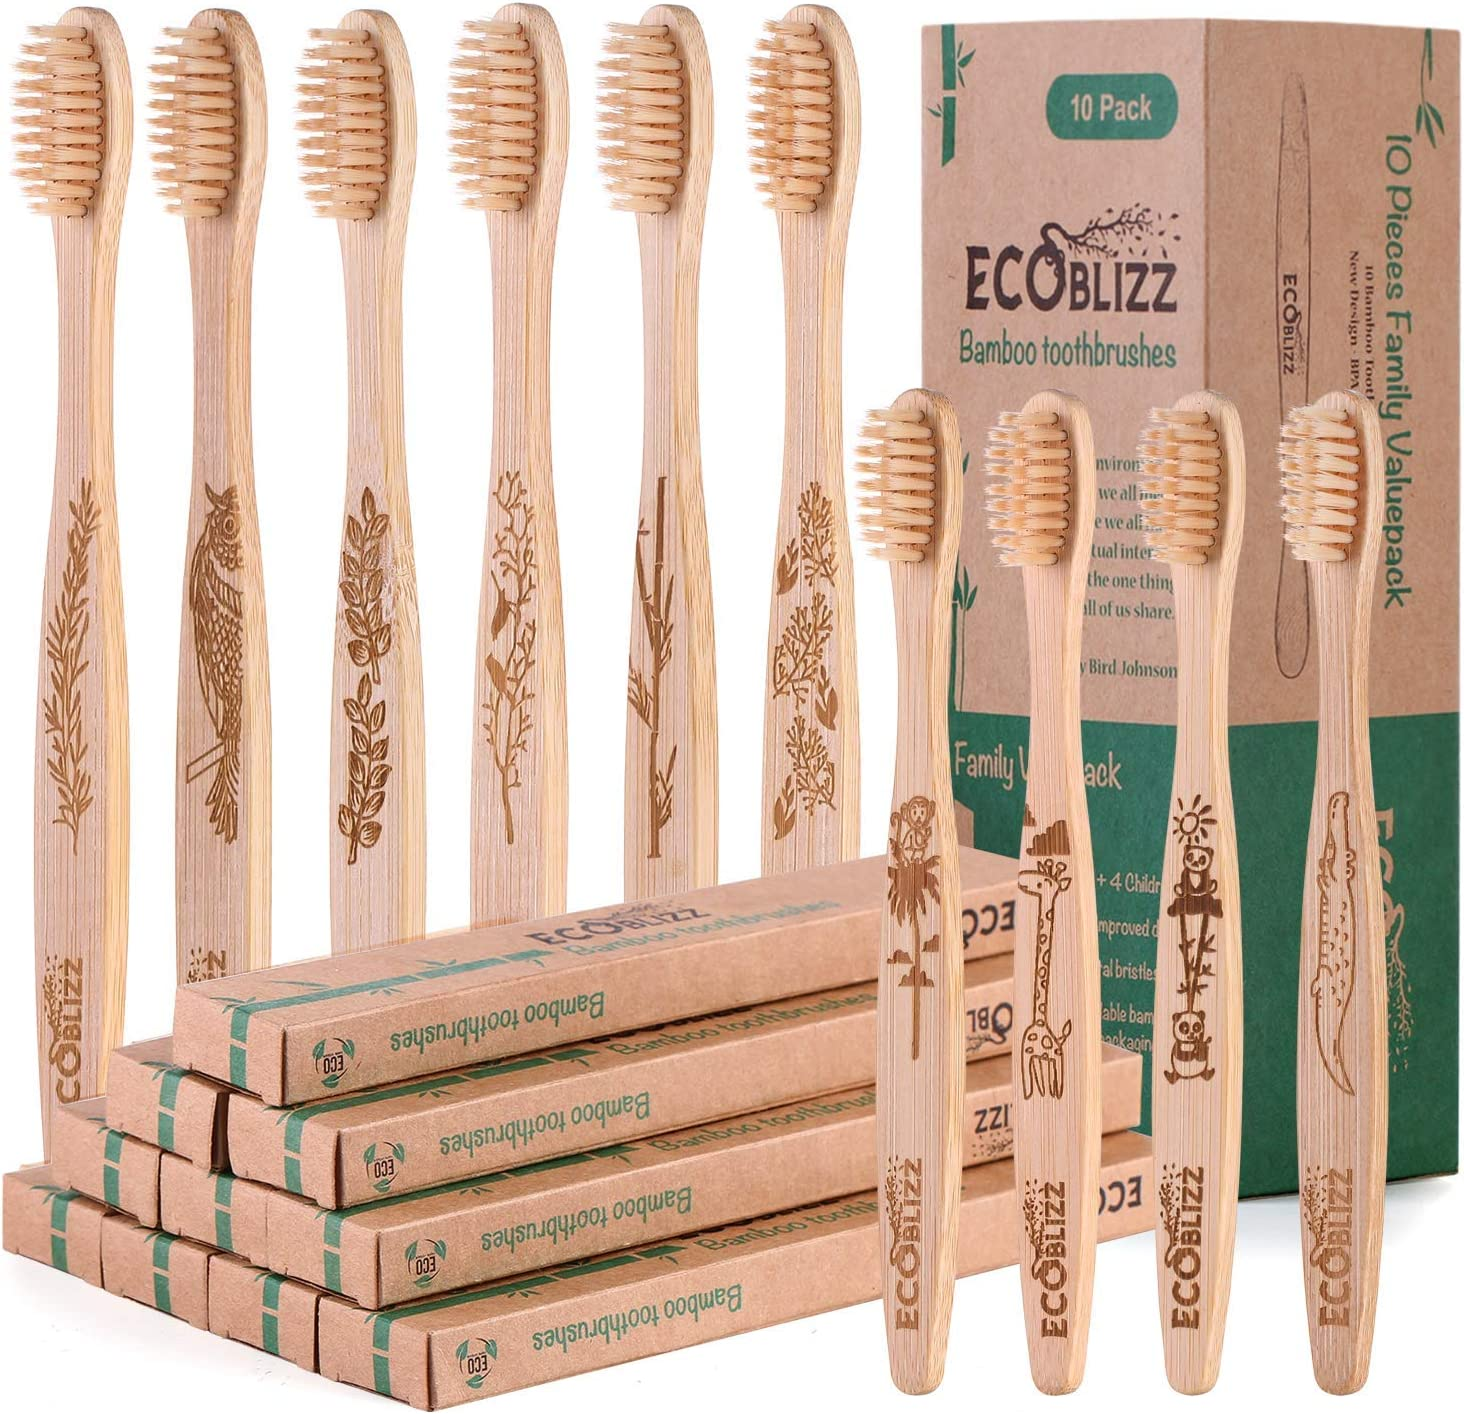 Cepillo Dientes Bambu Paquete Familiar de 10 | 6 Adultos, 4 Niños | Cepillo de Dientes de Bambu Ecológico | Cerdas Suaves: Amazon.es: Salud y cuidado personal